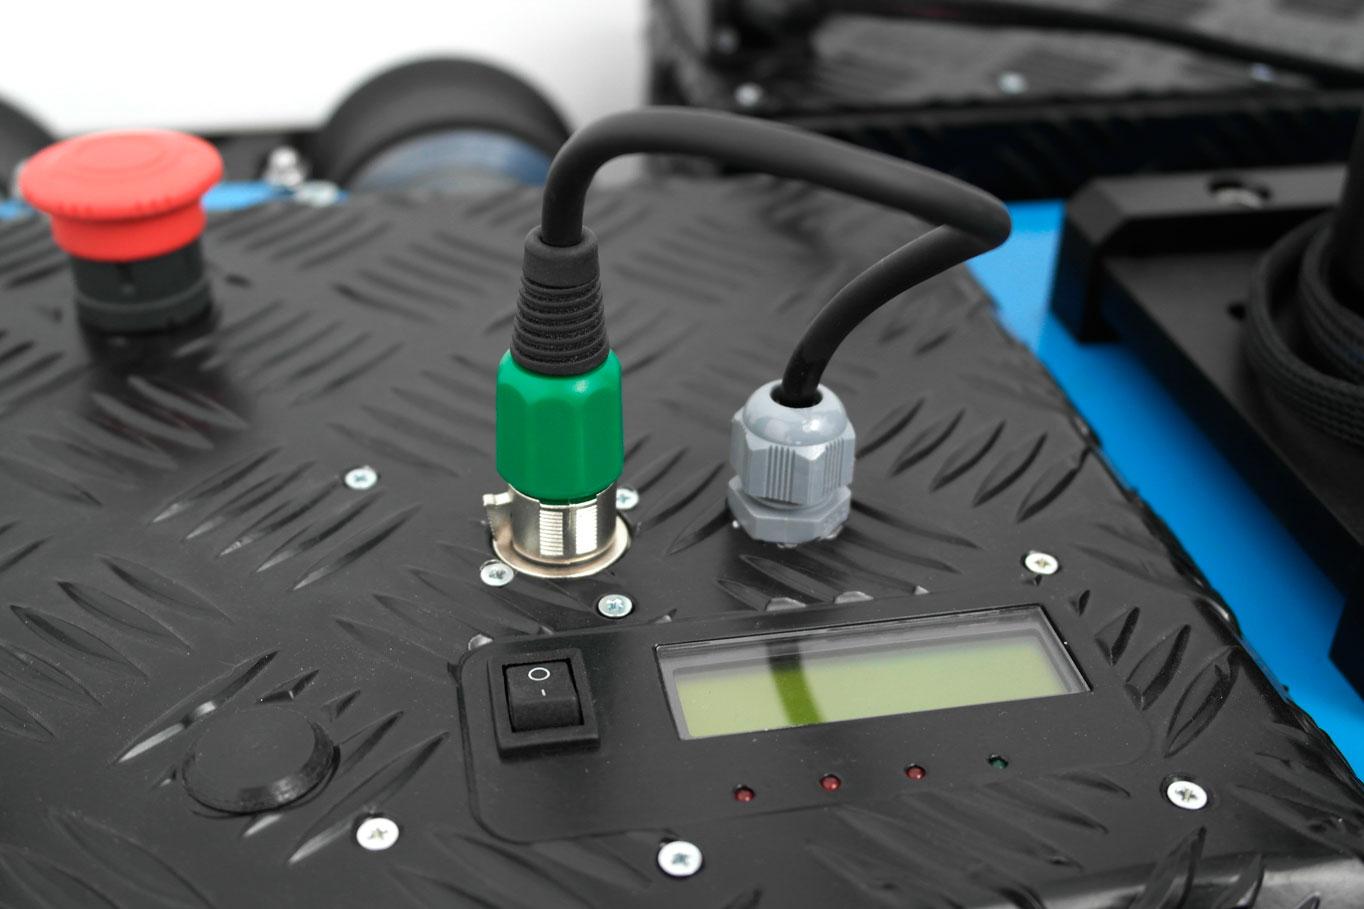 Dolie electrica wireless